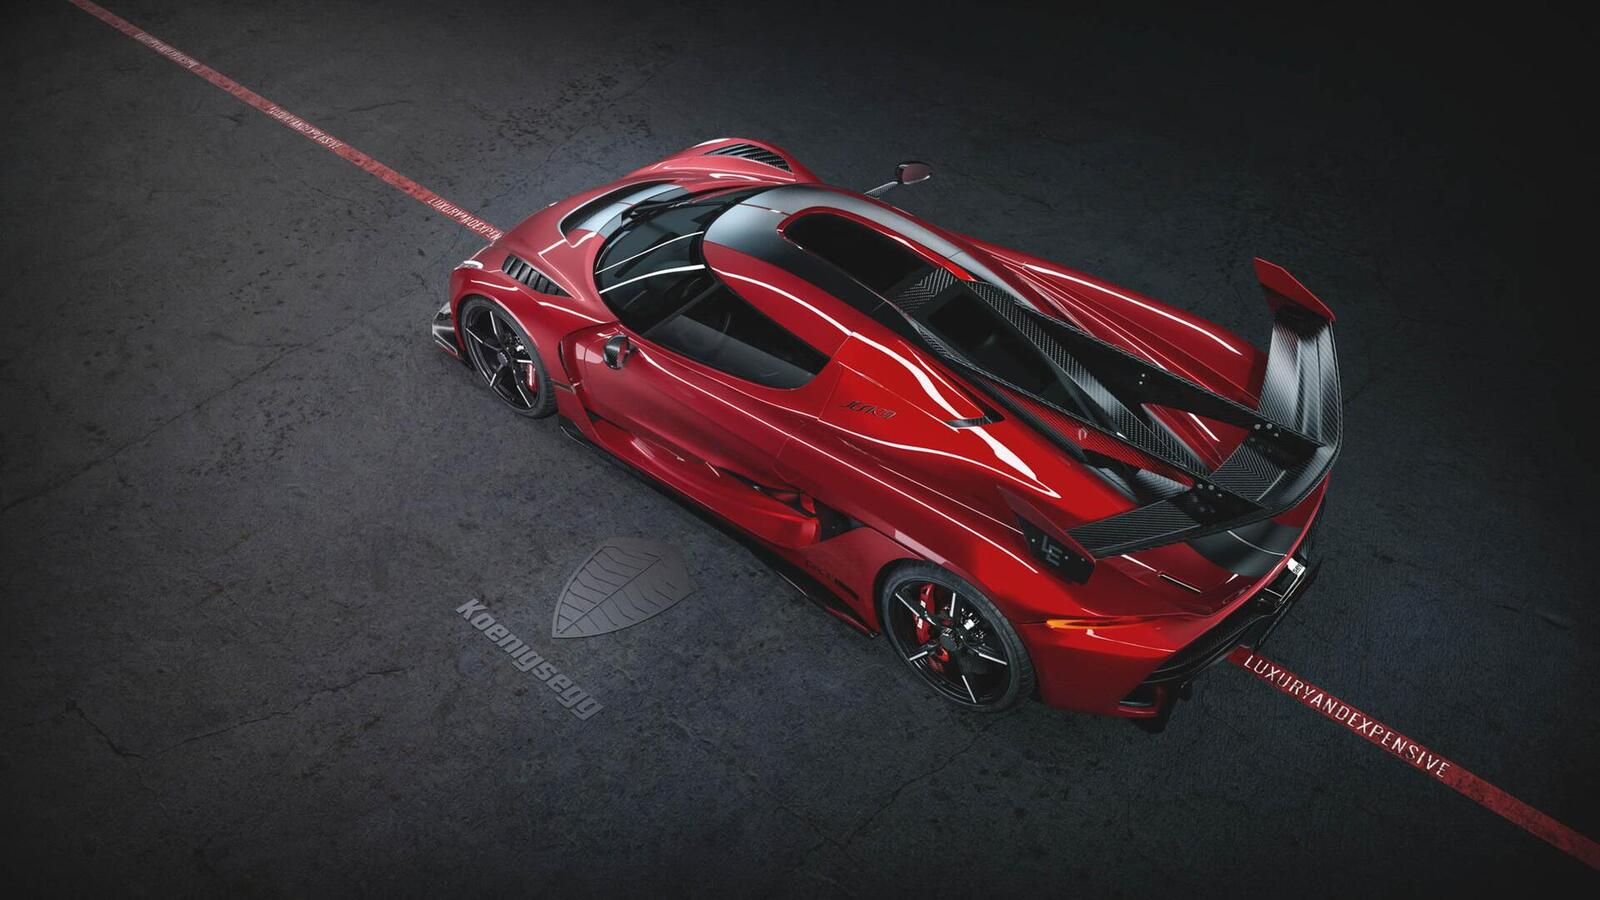 """Koenigsegg Jesko phiên bản """"Red Cherry Edition"""": Siêu phẩm mạnh 1.600 mã lực - Hình 2"""